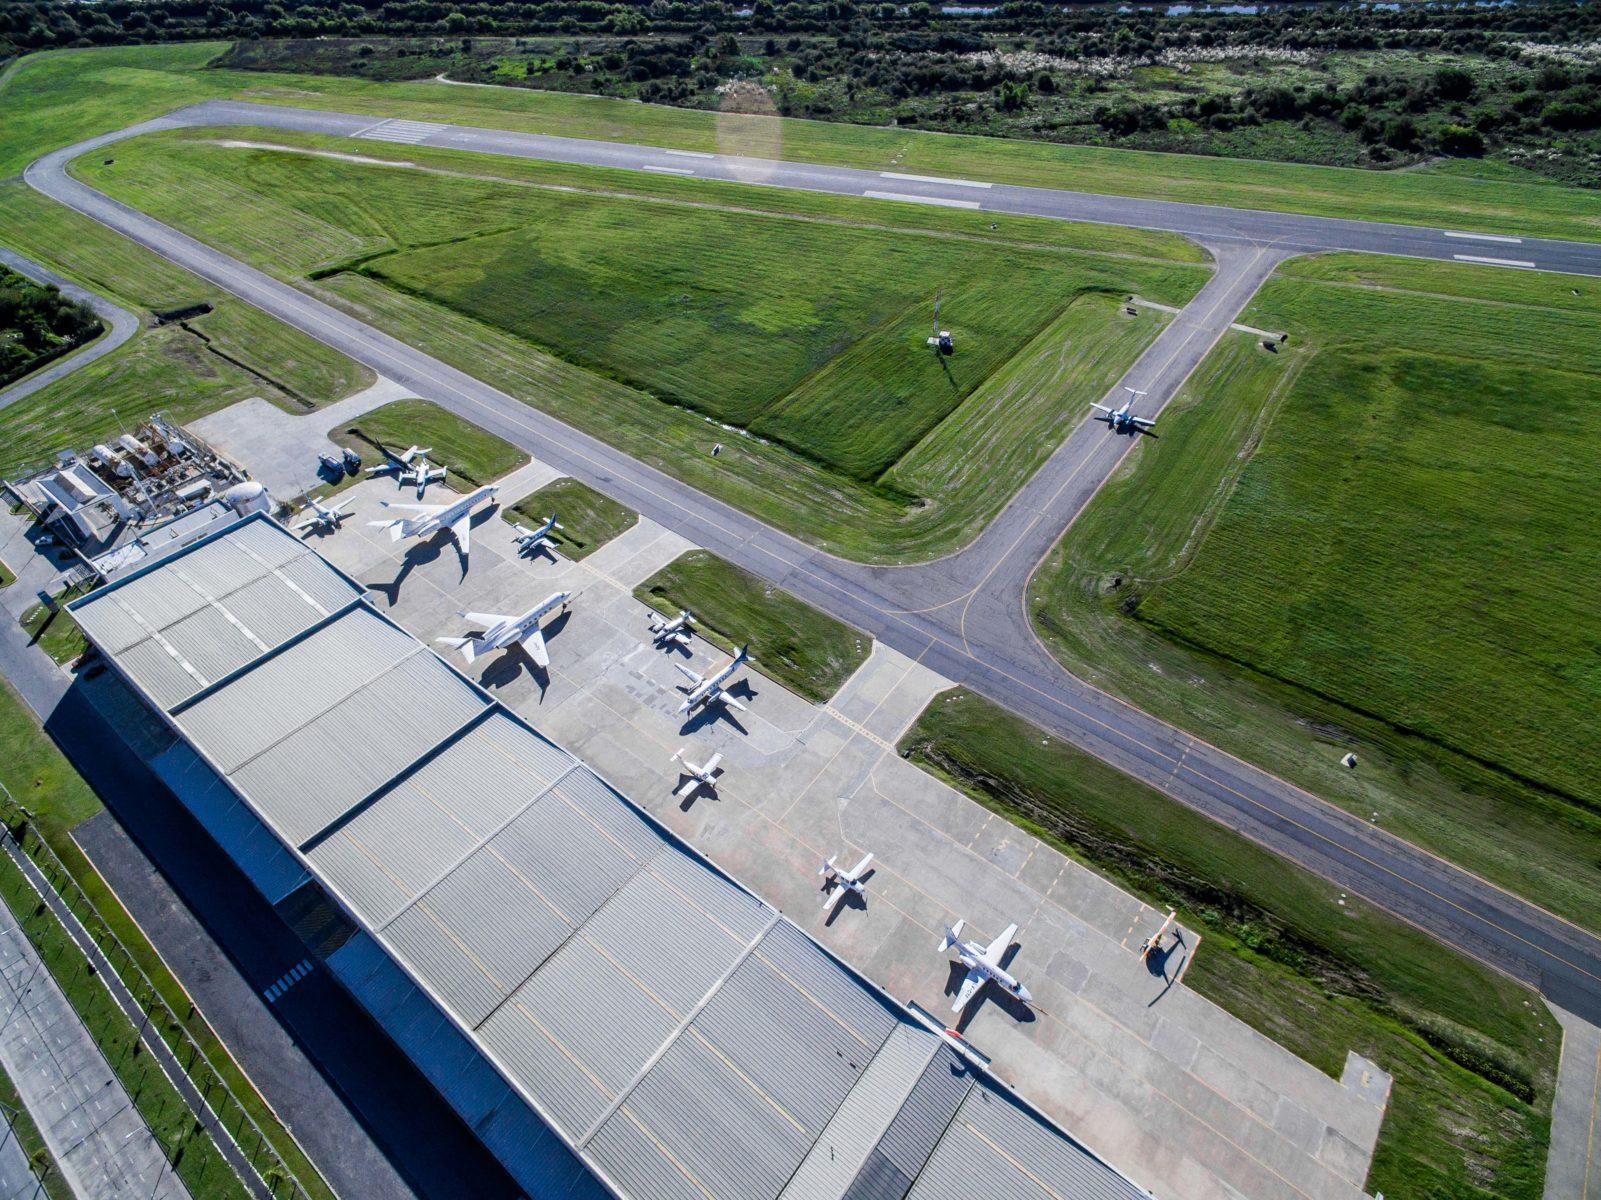 Ariel view of Hangar Uno